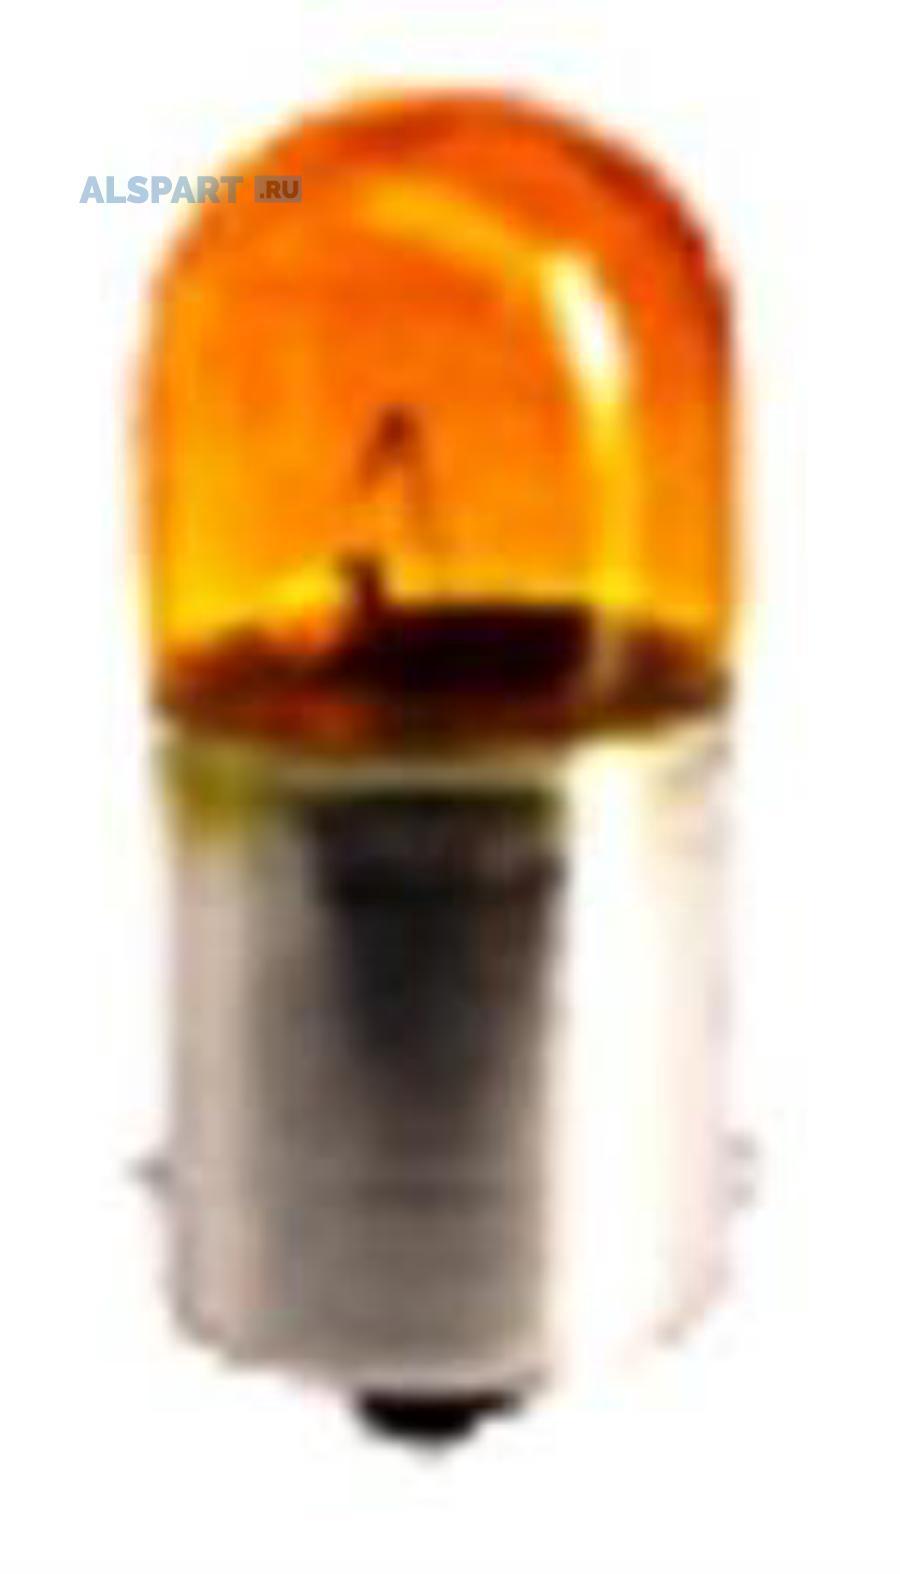 Лампа накаливания Spherical lamps RY10W 12В 10Вт